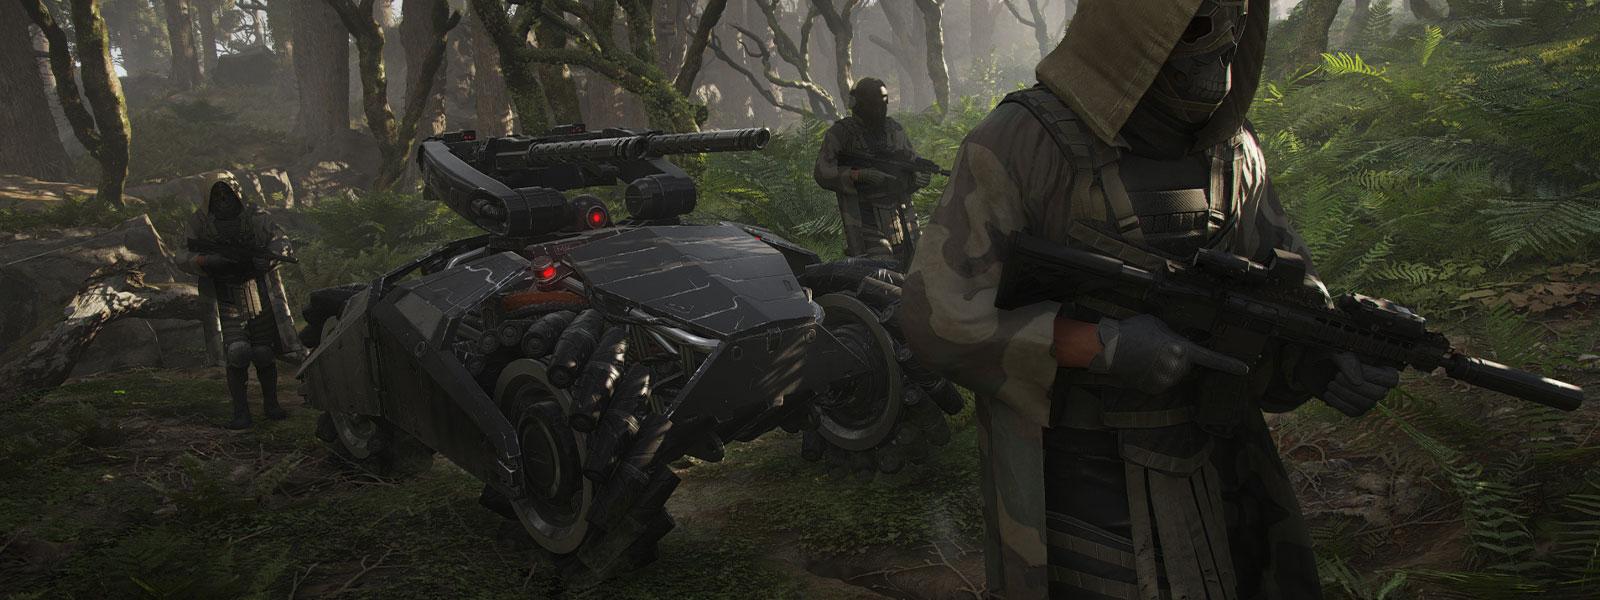 Naamioituneet ja aseistautuneet kolme hahmoa saattavat suurta sotilasajoneuvoa